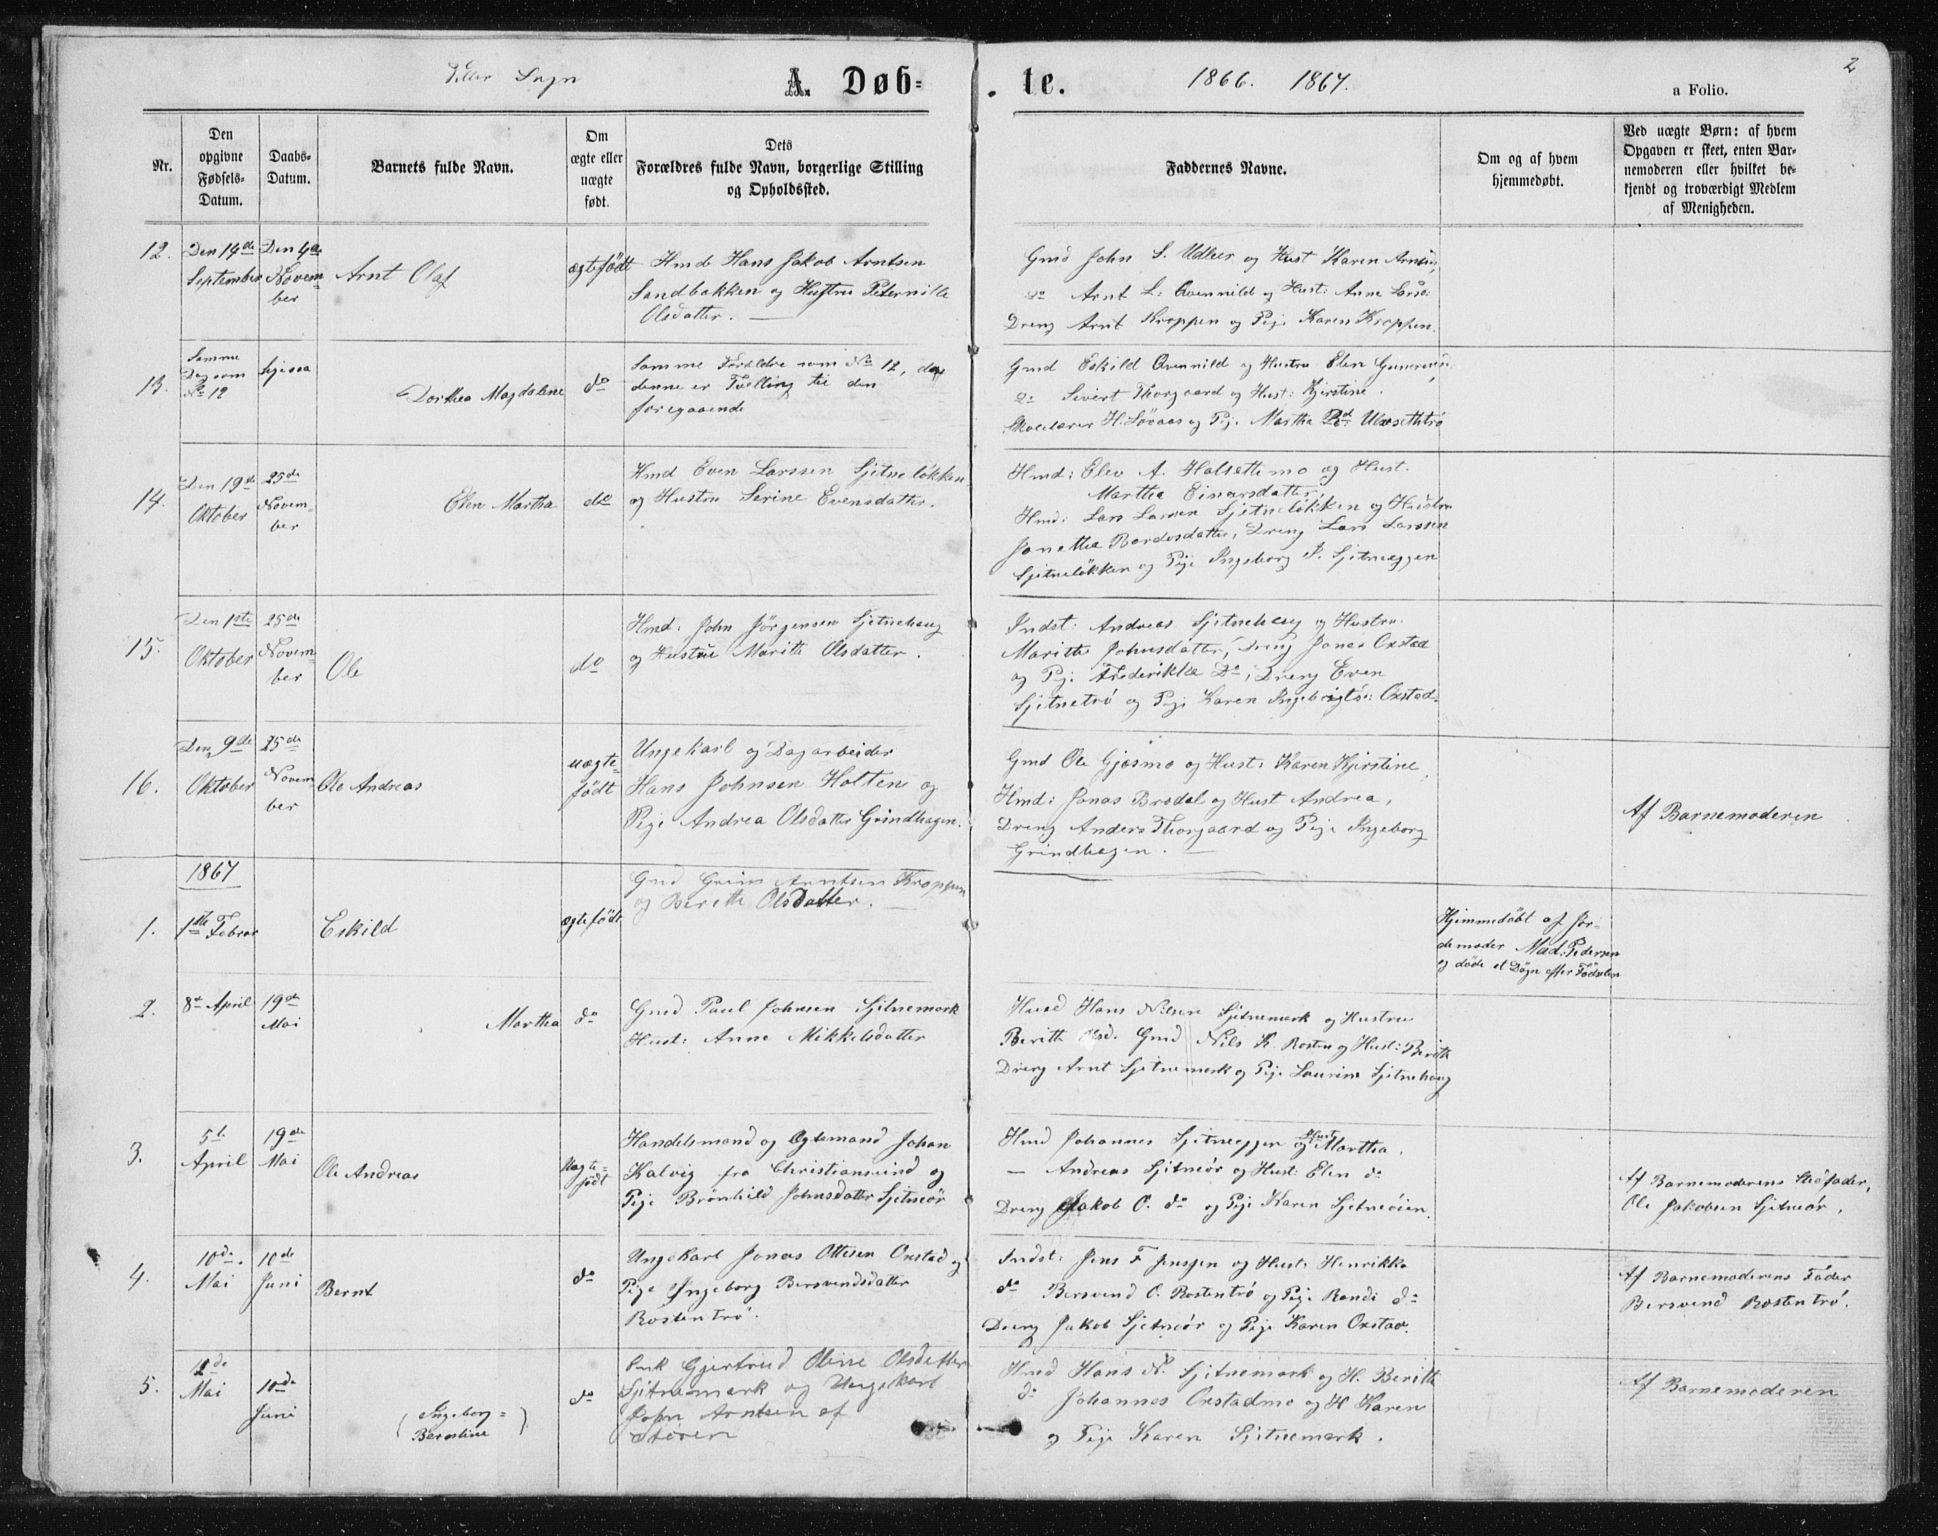 SAT, Ministerialprotokoller, klokkerbøker og fødselsregistre - Sør-Trøndelag, 621/L0459: Klokkerbok nr. 621C02, 1866-1895, s. 2